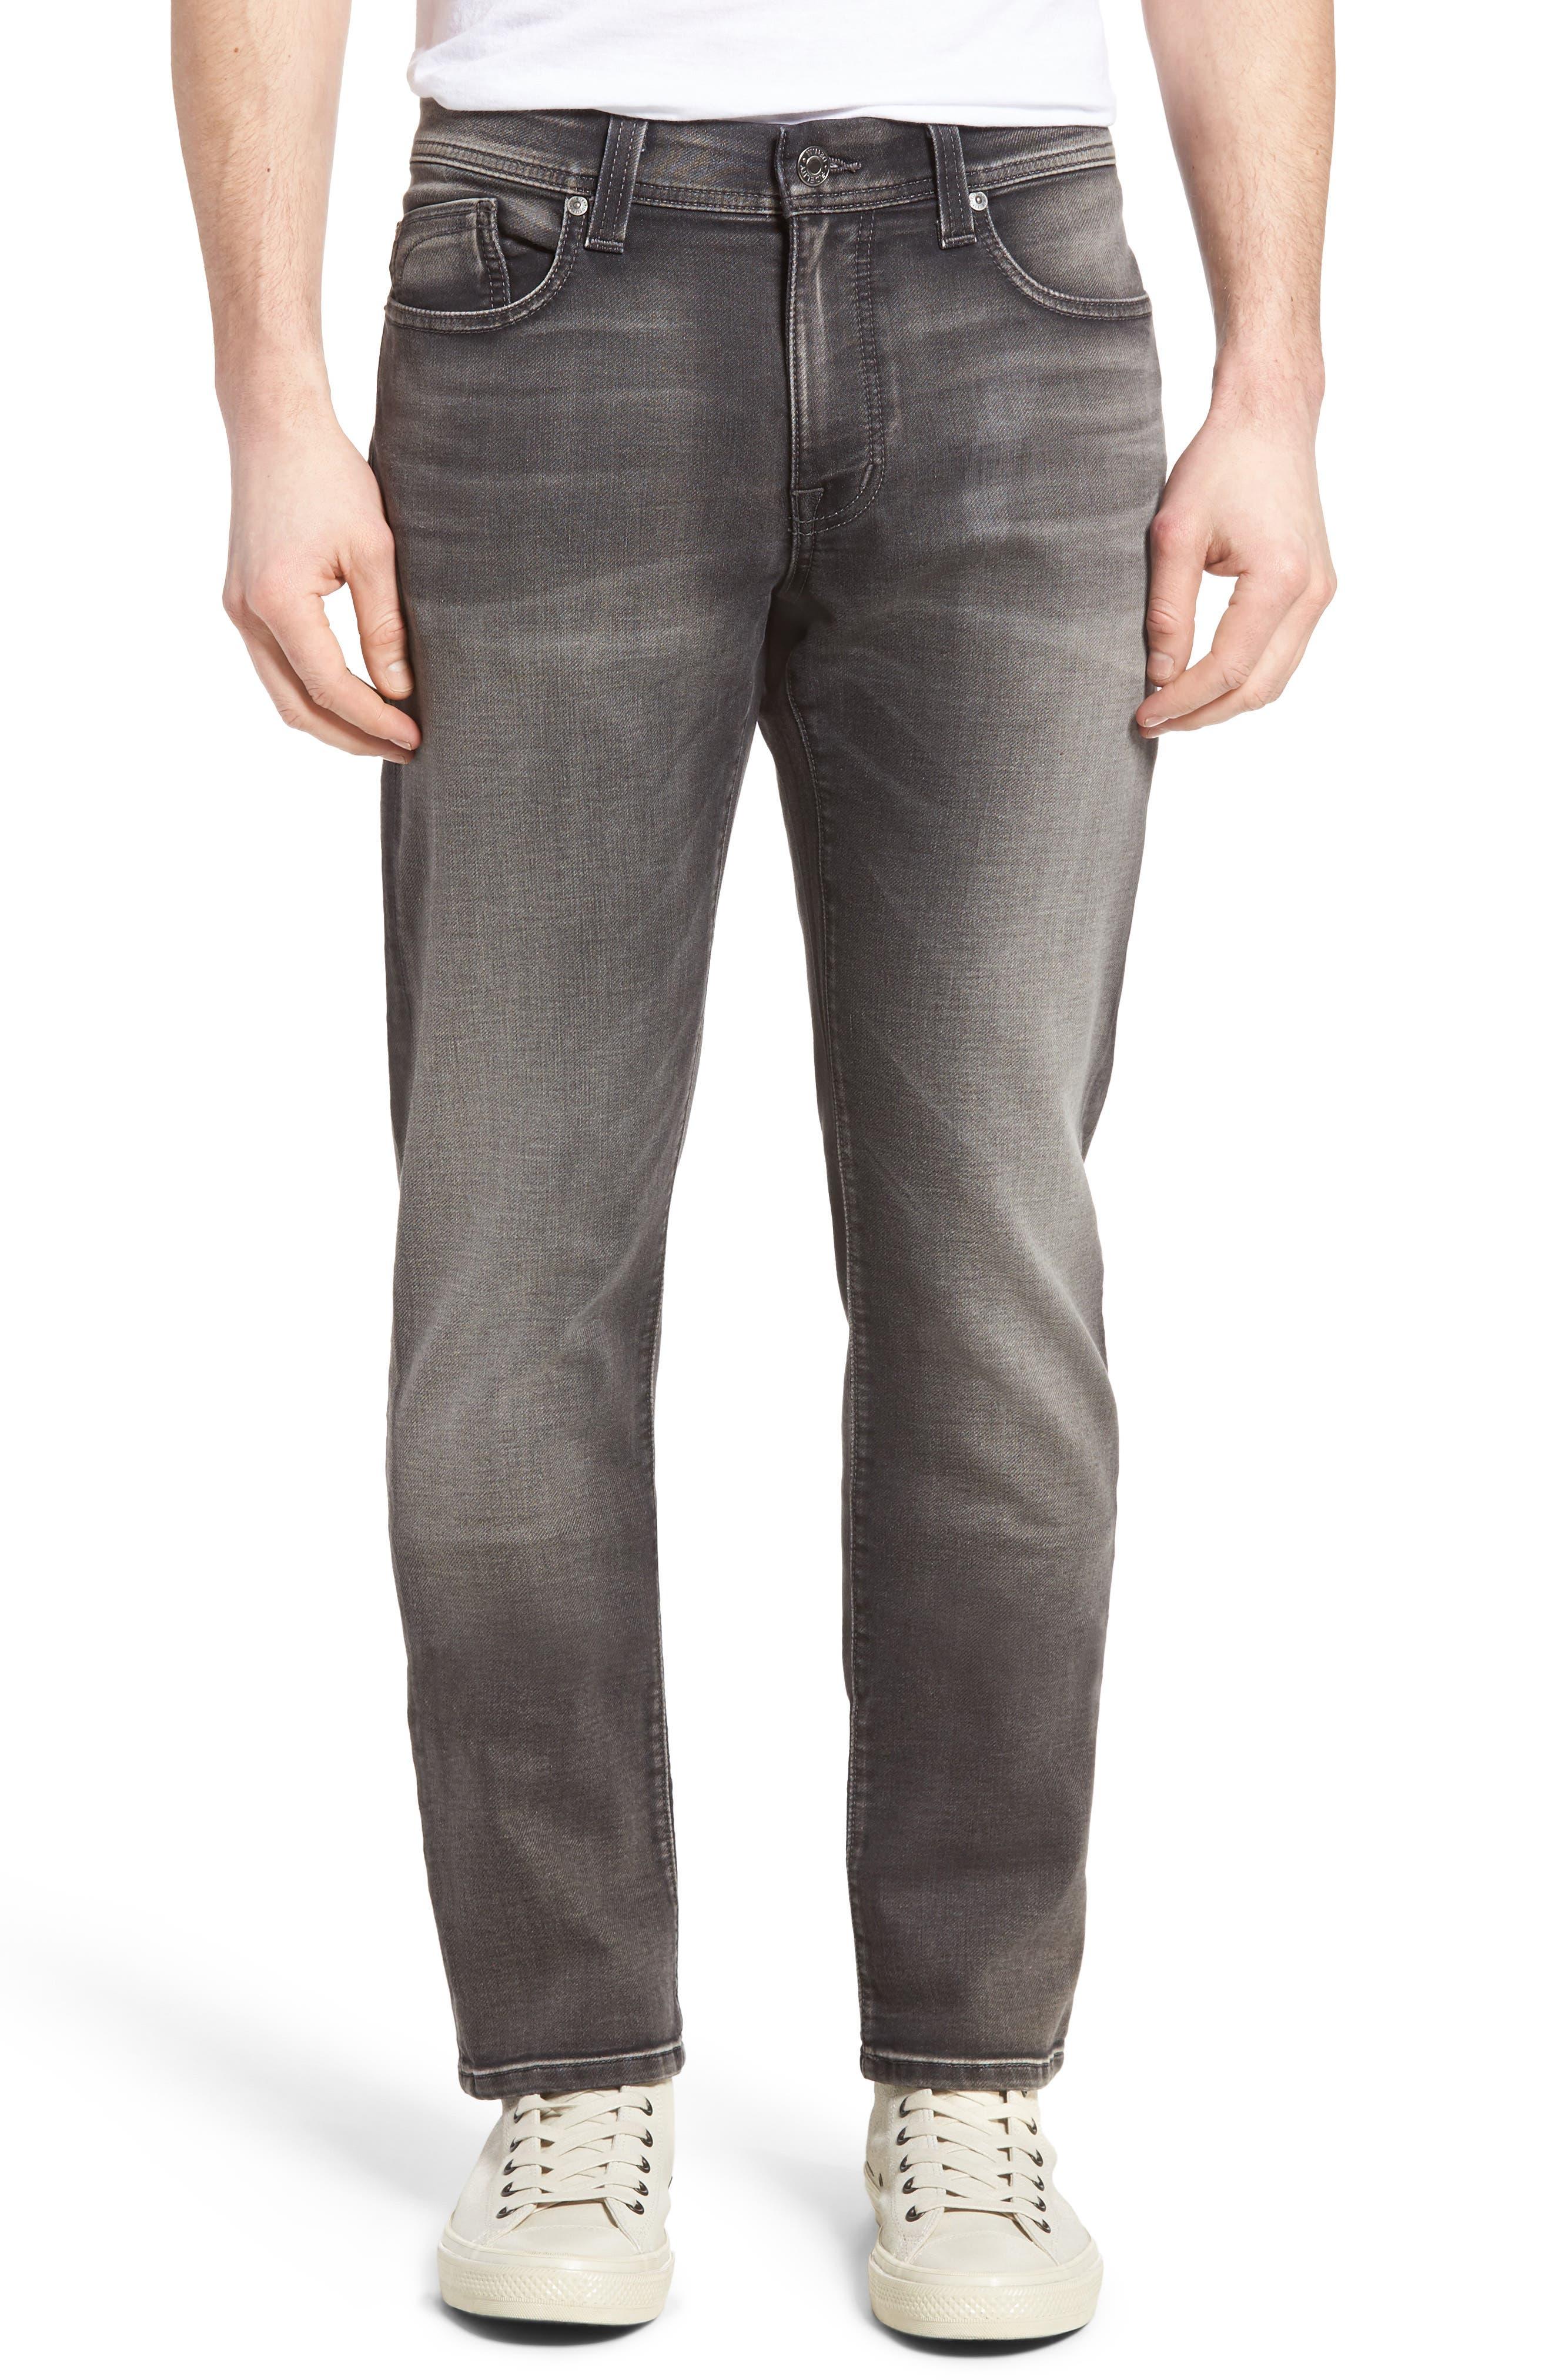 Main Image - Fidelity Jimmy Slim Fit Jeans (Oxy Black Vintage)